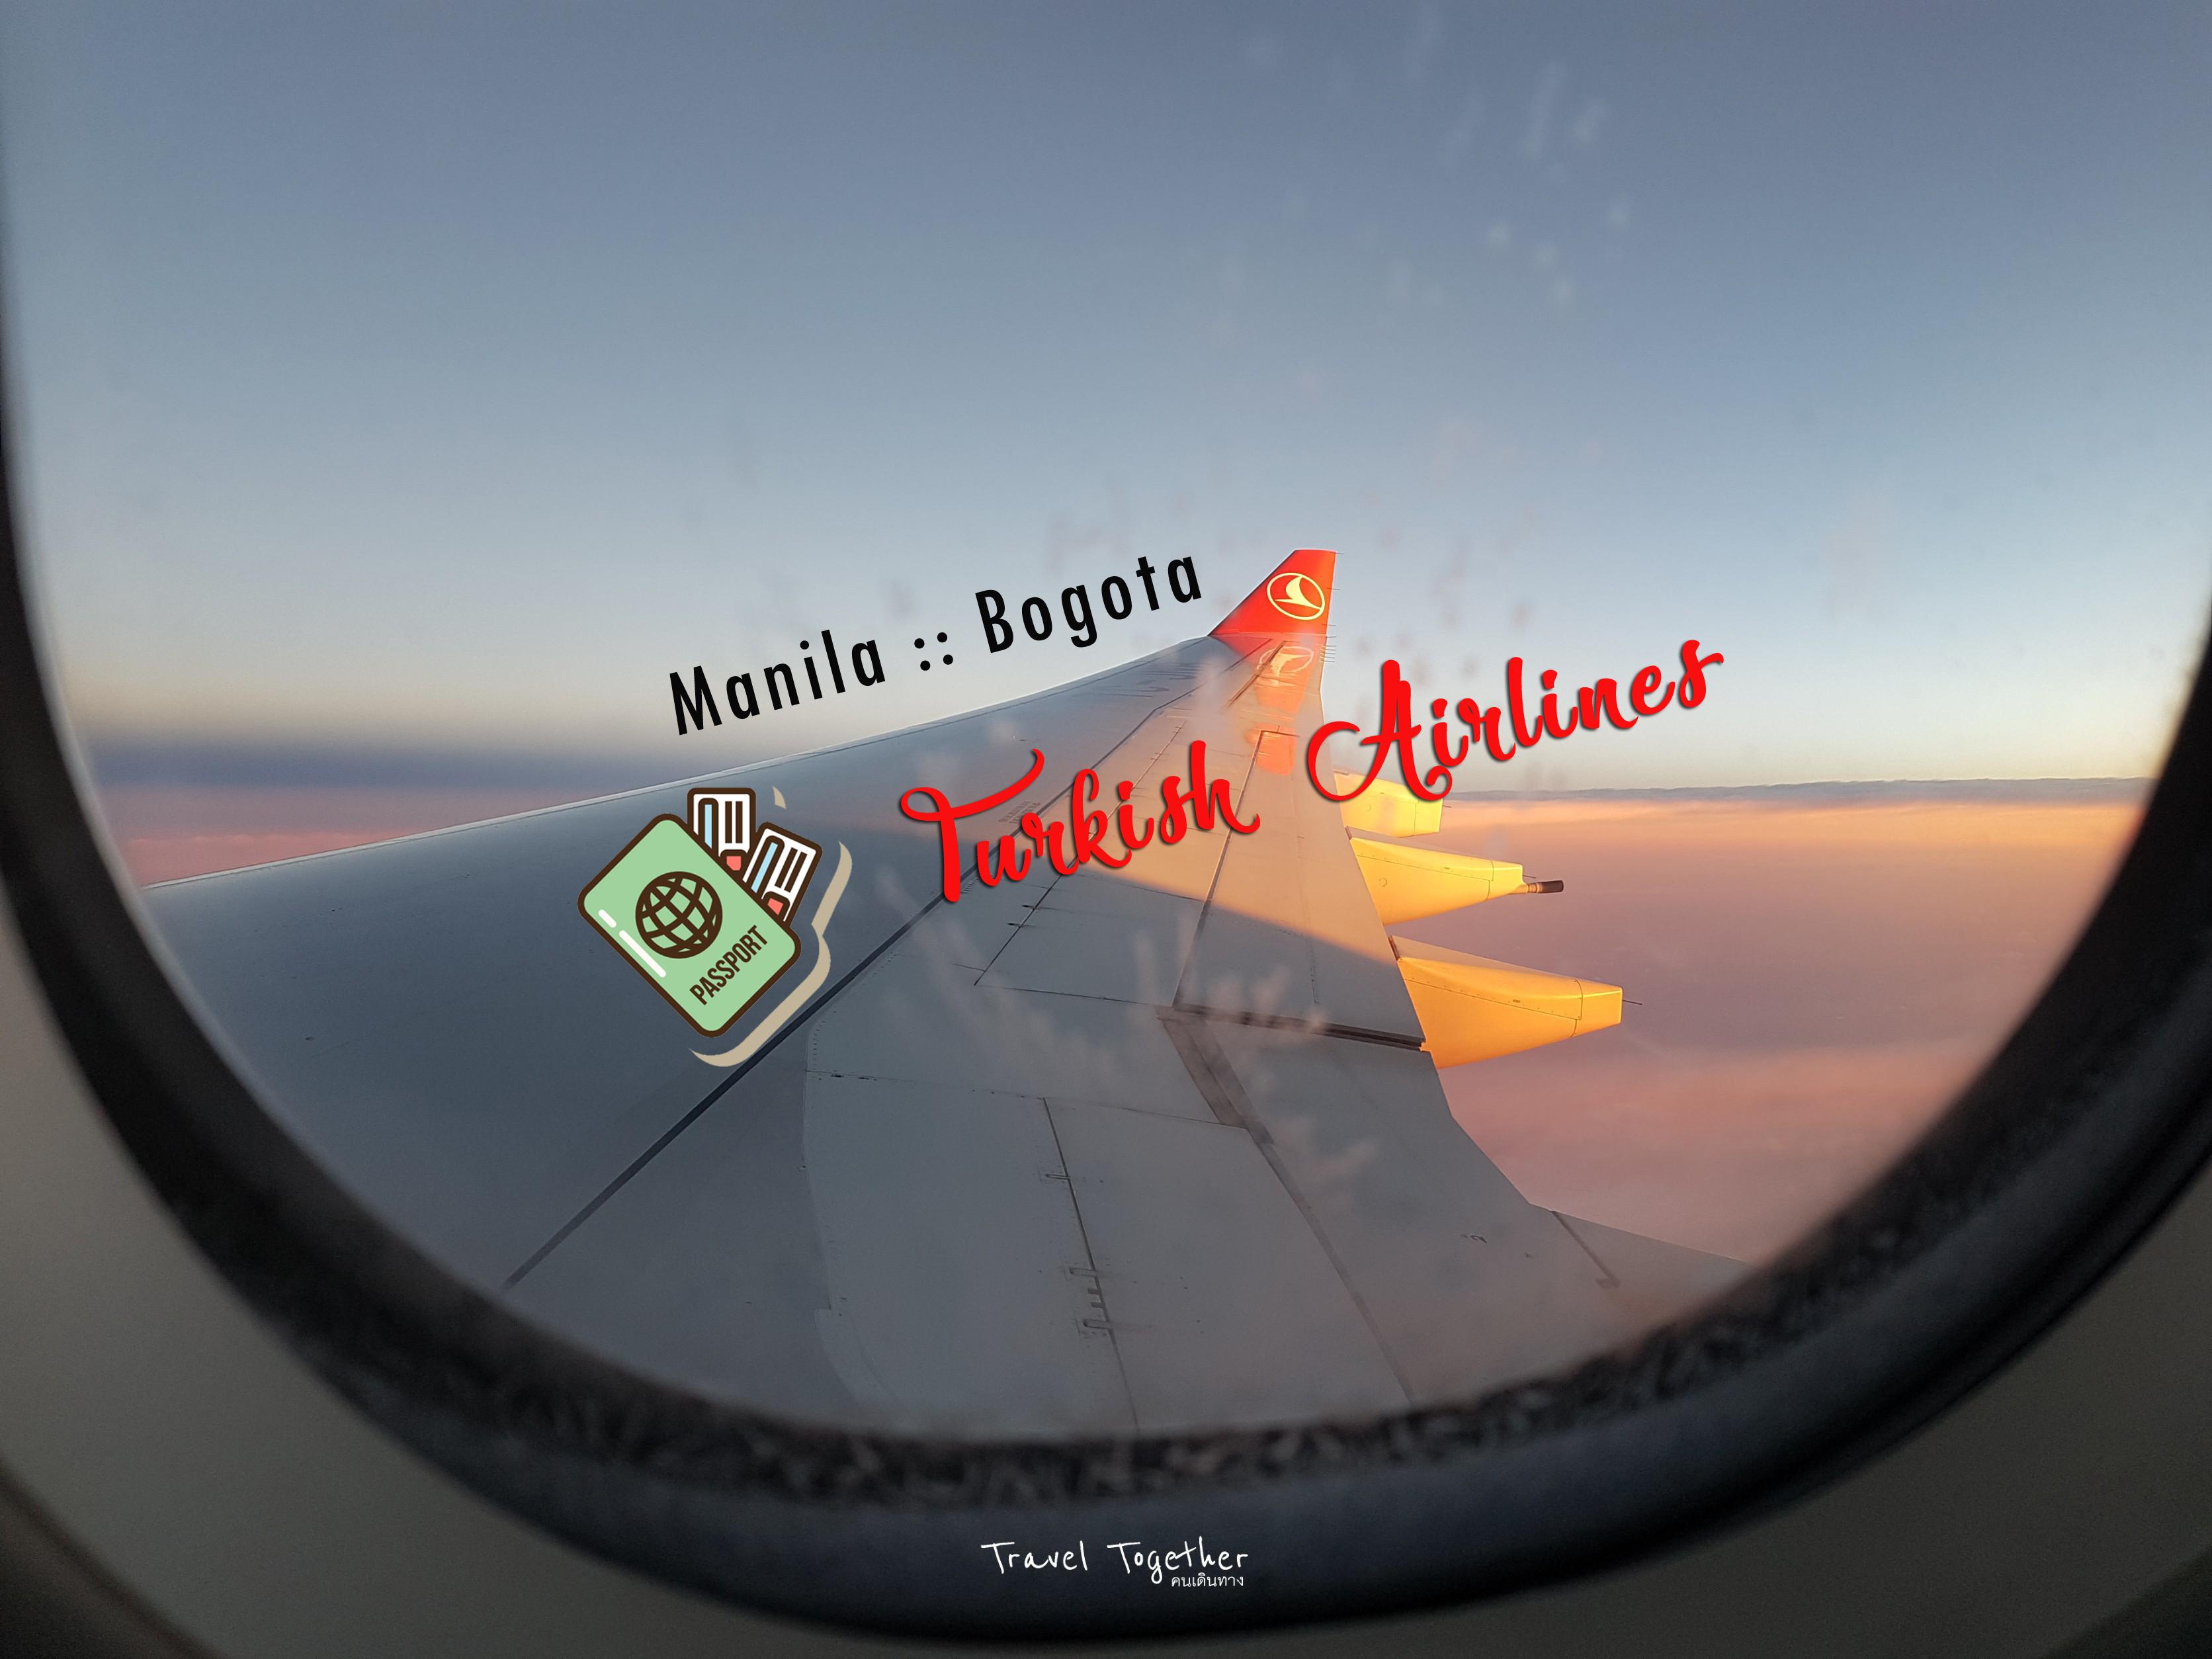 เม้าส์มอย Turkish Airlines เส้นทาง Philippines to Colombia ฟรีทัวร์และโรงแรม